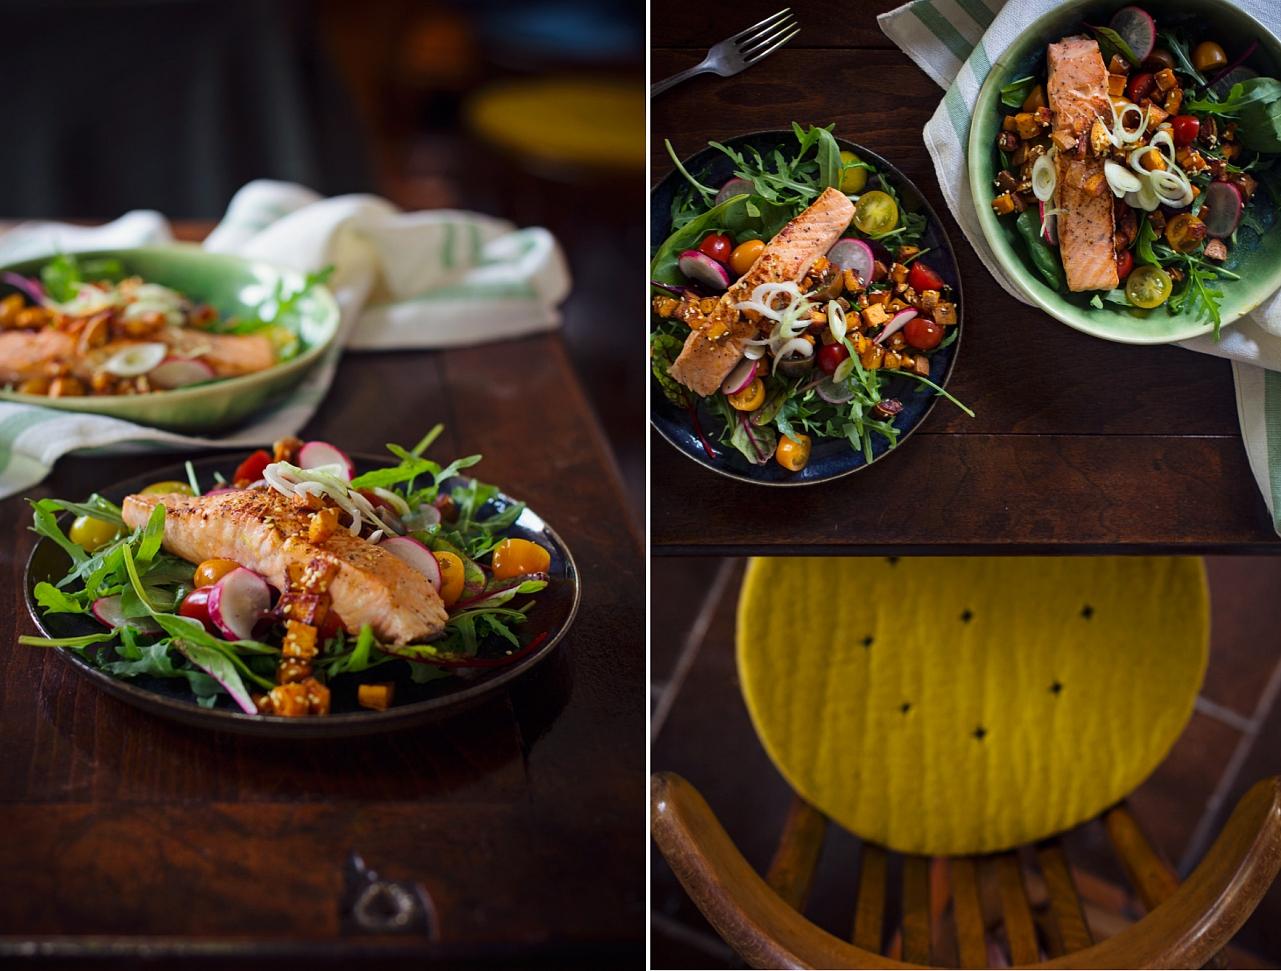 Salát s batátovými krutony a lososem